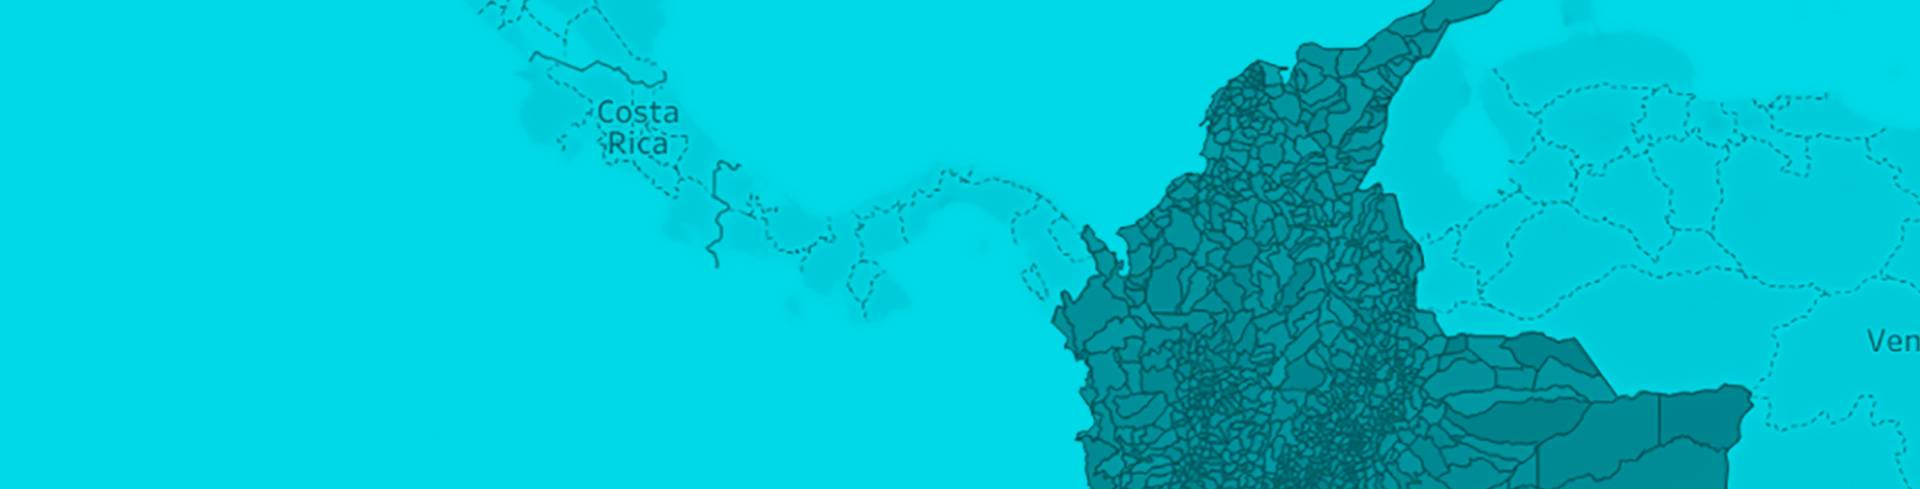 Curso Herramientas básicas para el desarrollo de cartografía y el análisis espacial